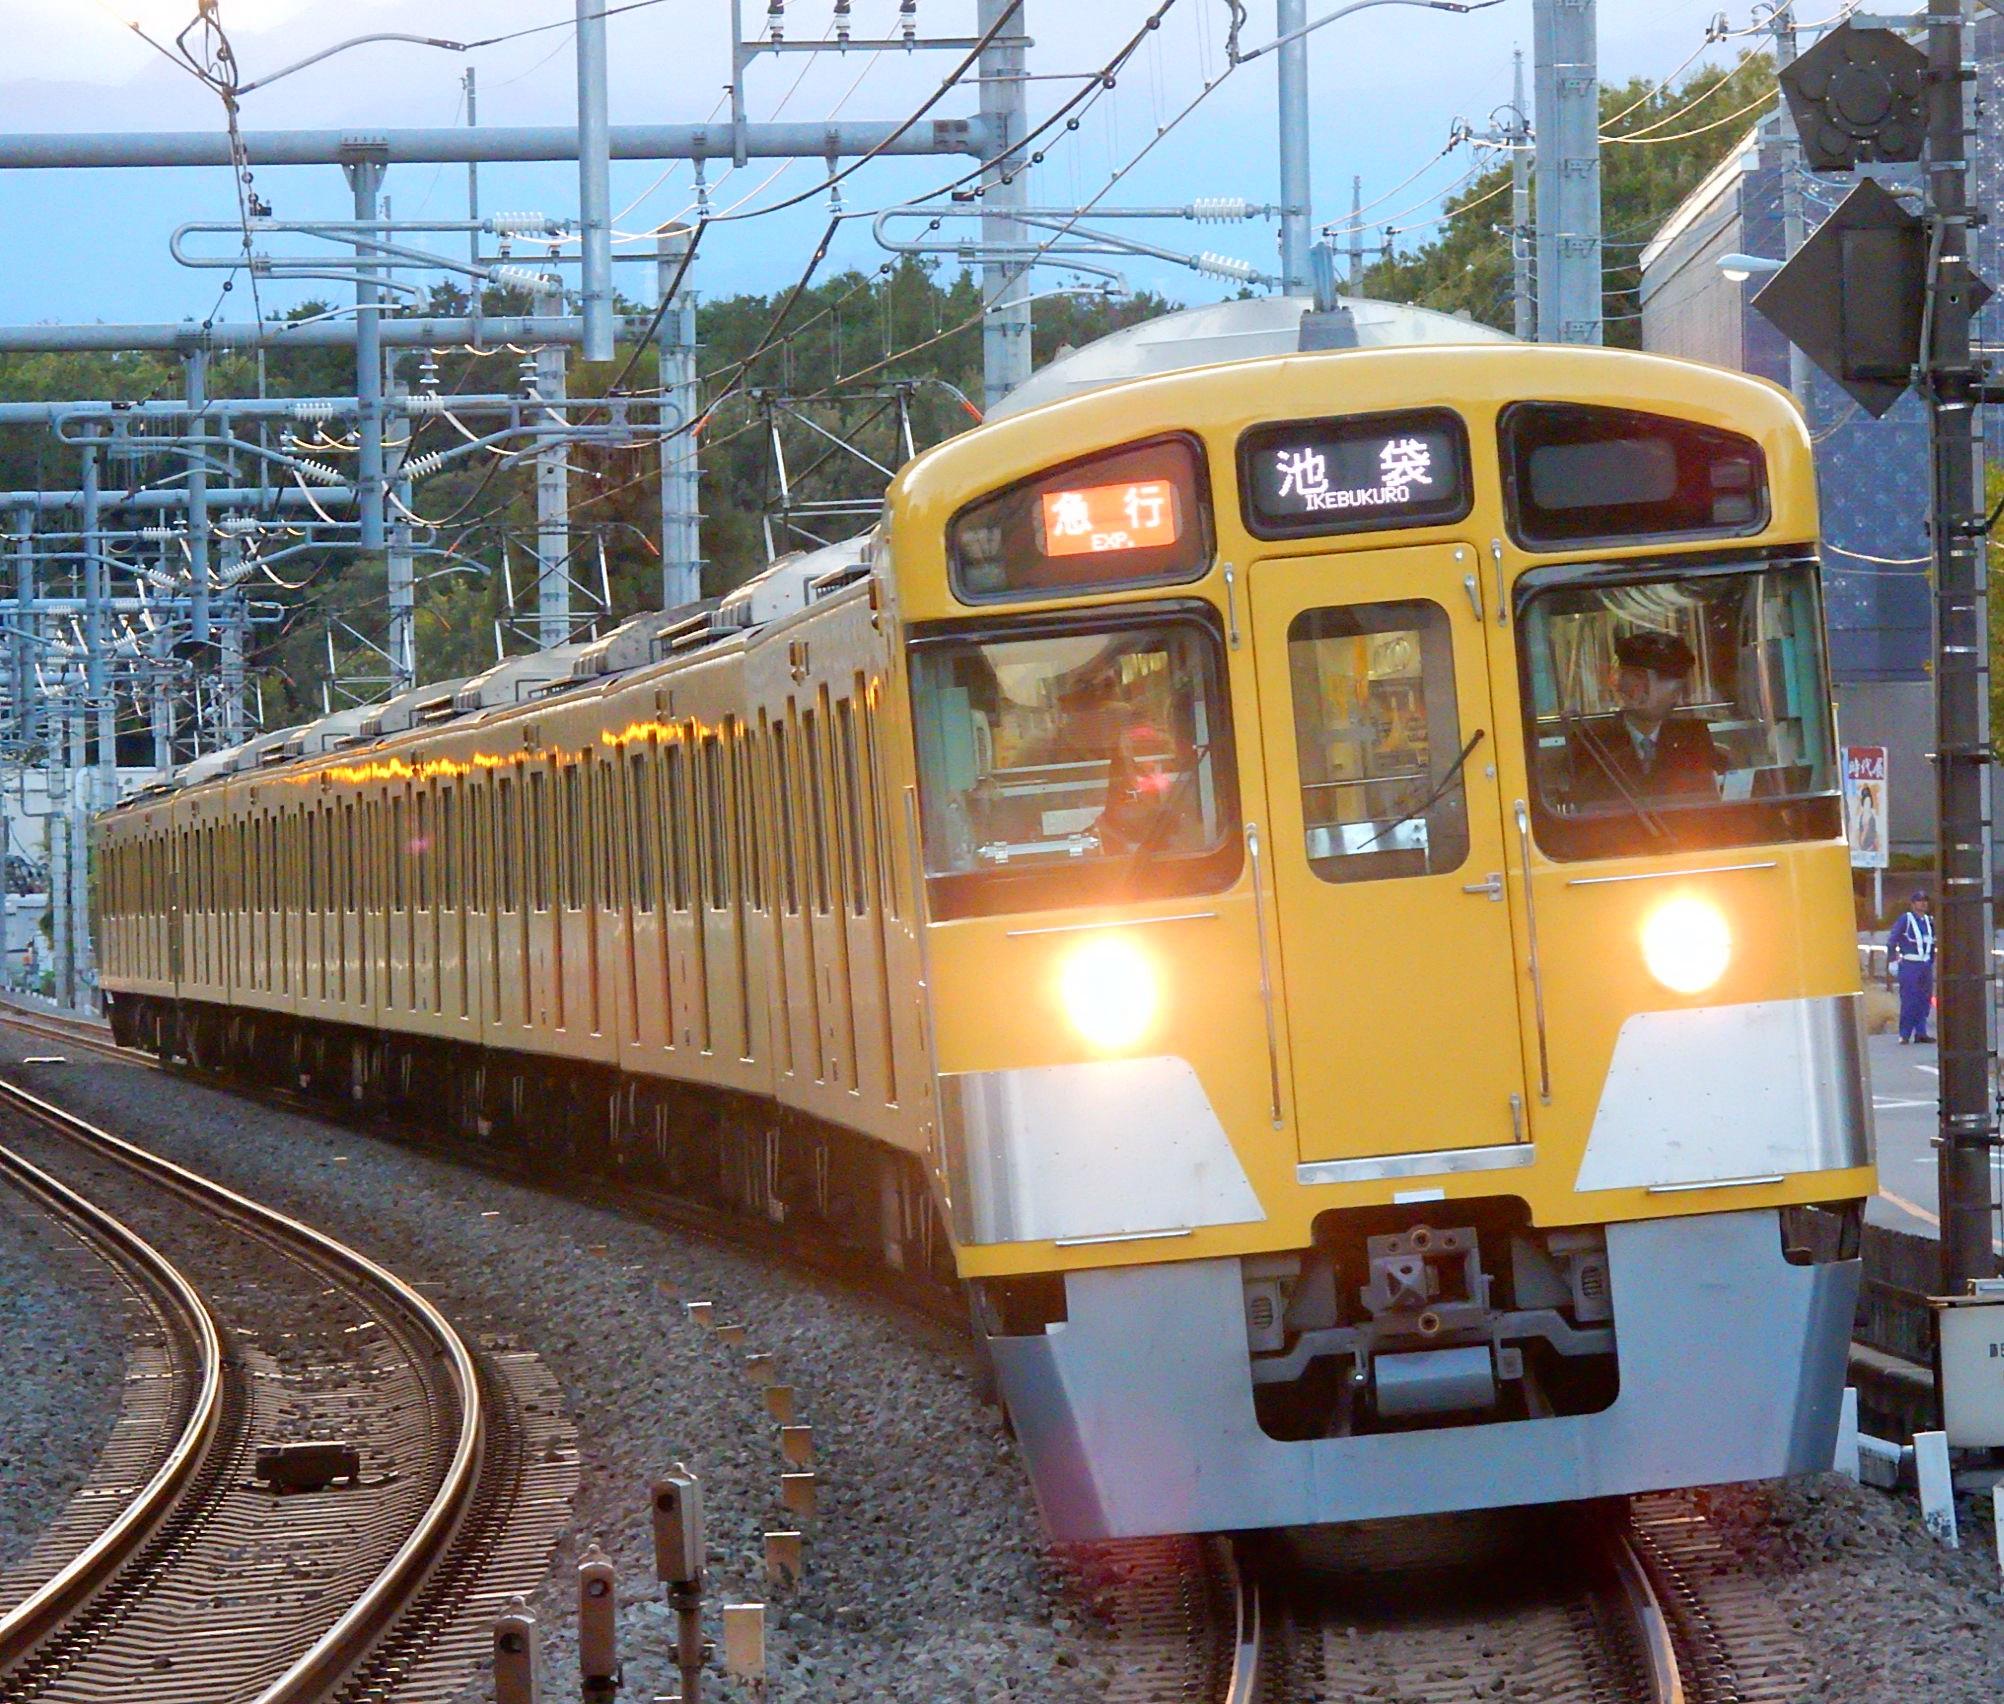 DSCN8006.jpg